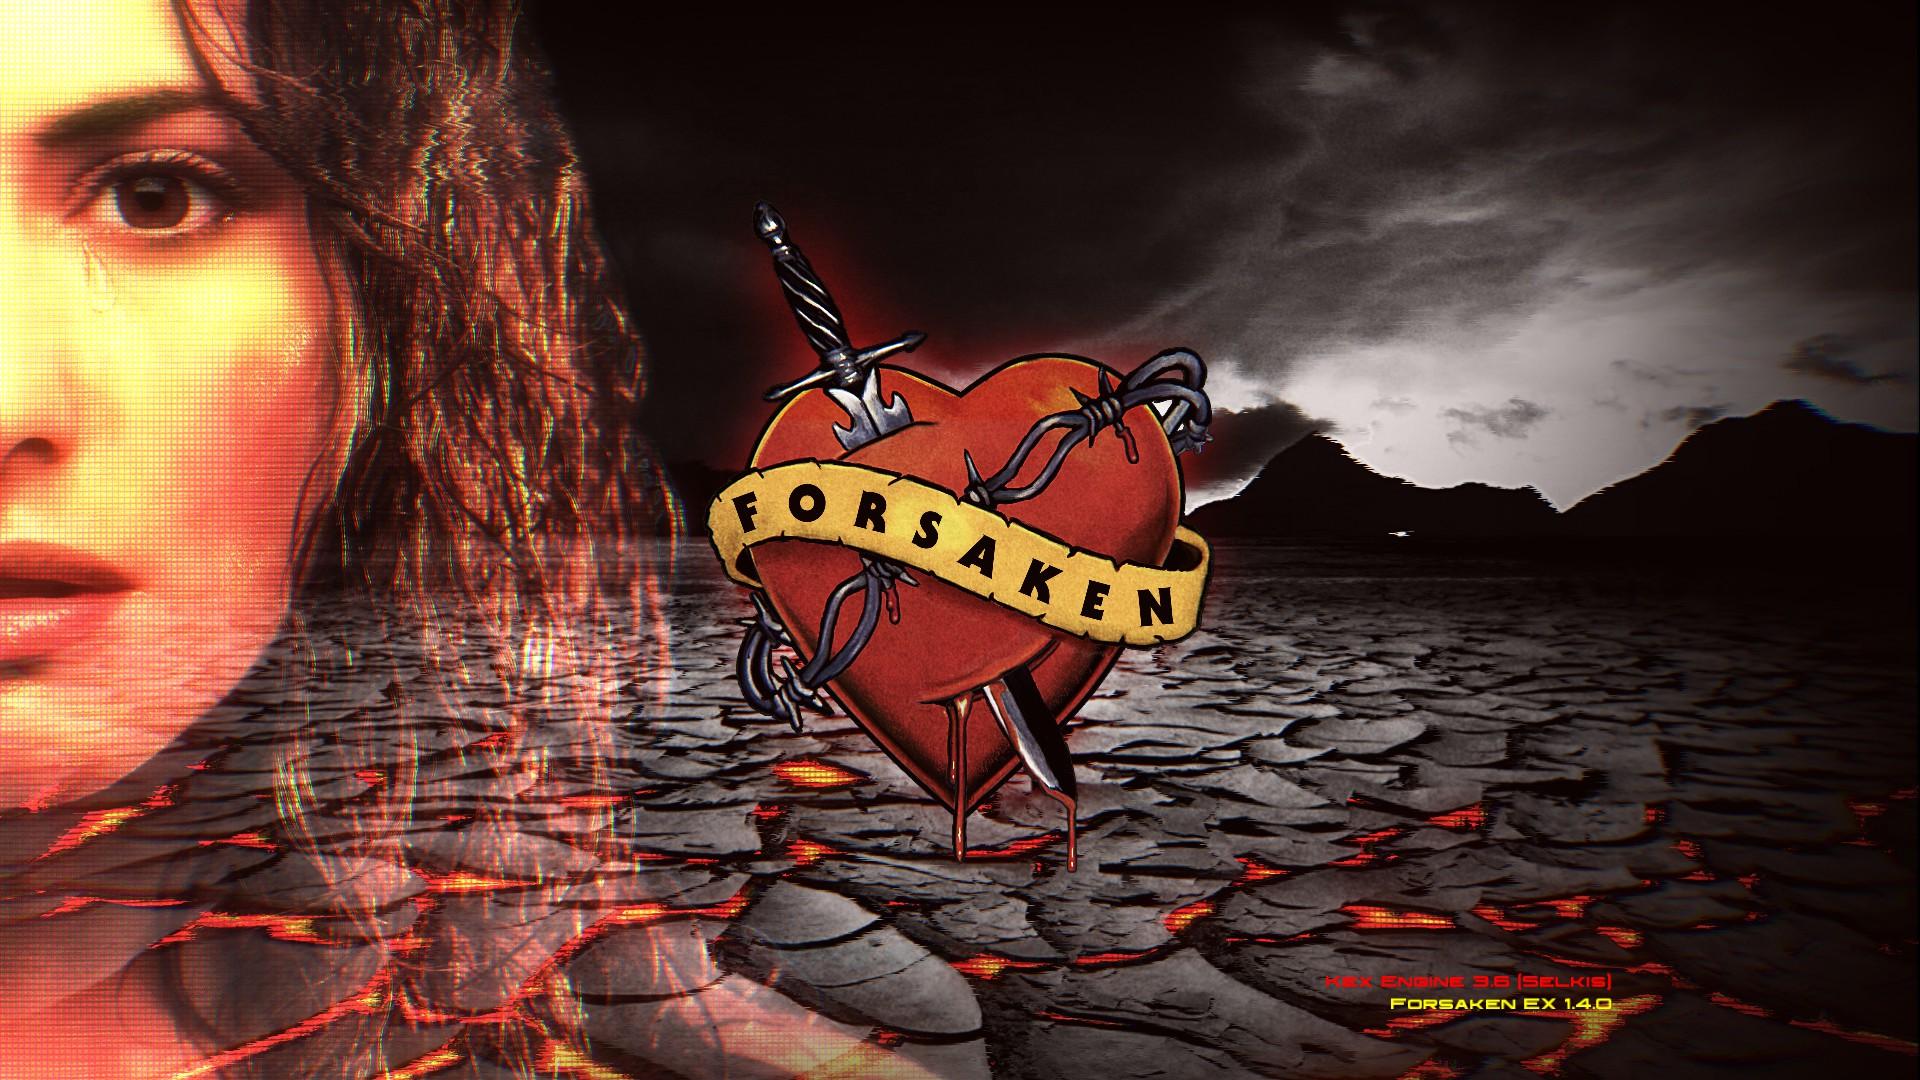 Review - Forsaken Remastered (PC)